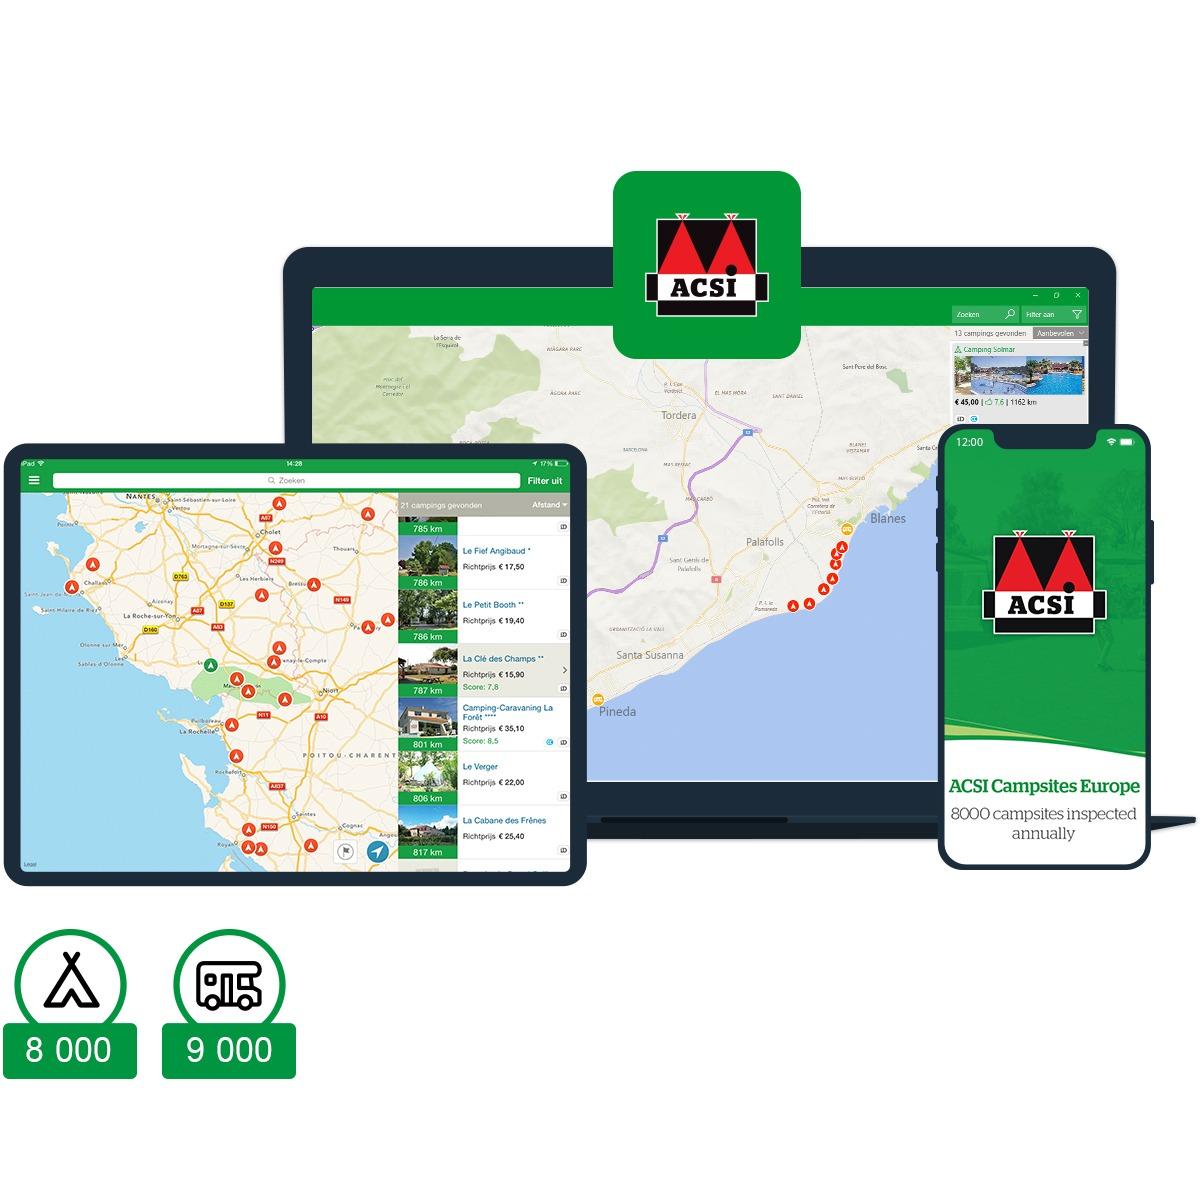 L'appli ACSI Campings Europe